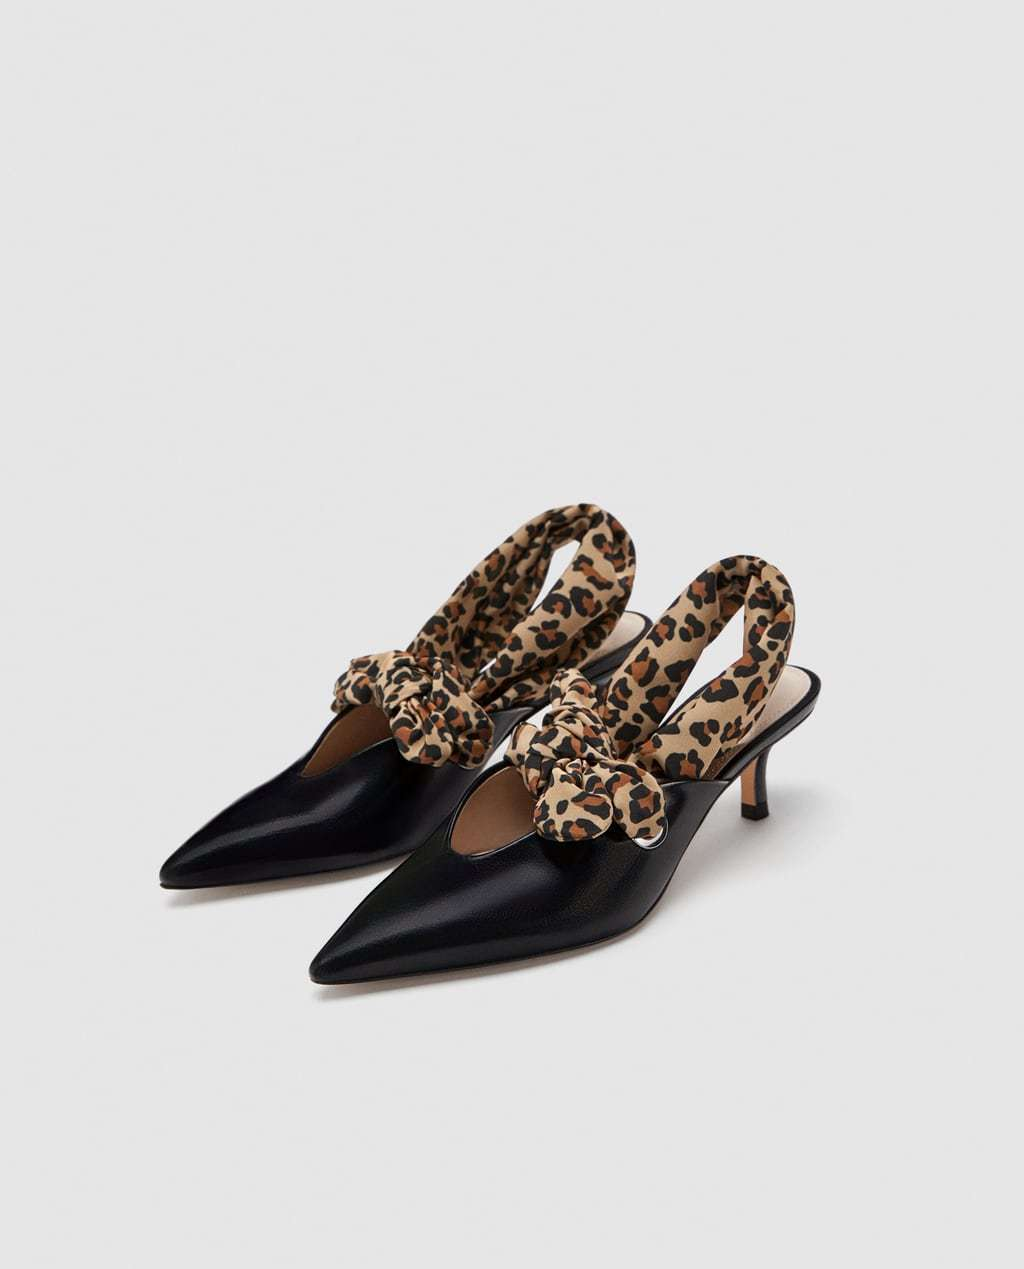 Pelle Gattino Dettaglio Zara Con Tacco Scarpe Corte Nera 1Ewgdwq